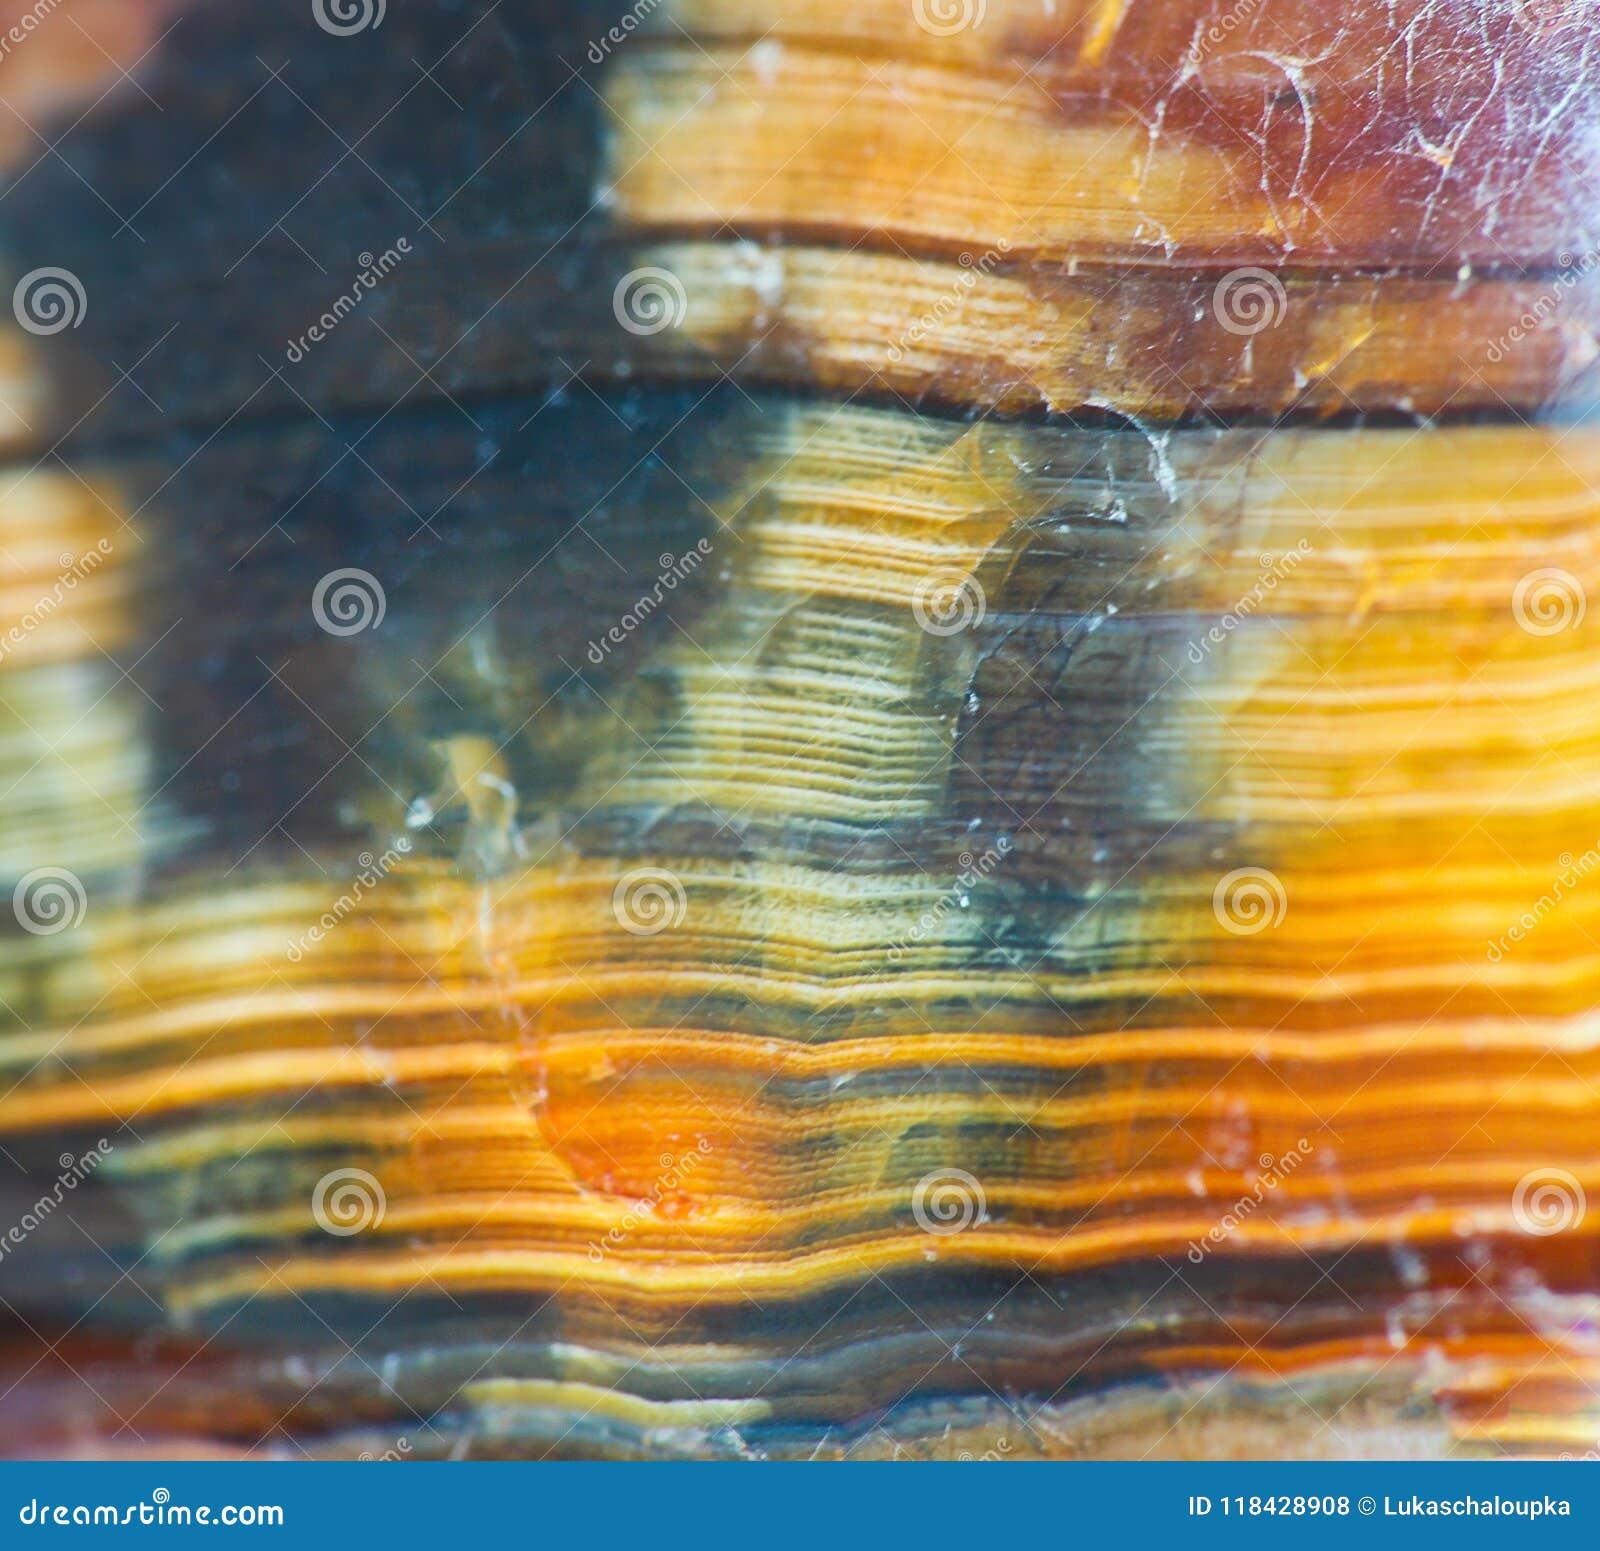 Фото макроса оранжевой каменной текстуры с линиями